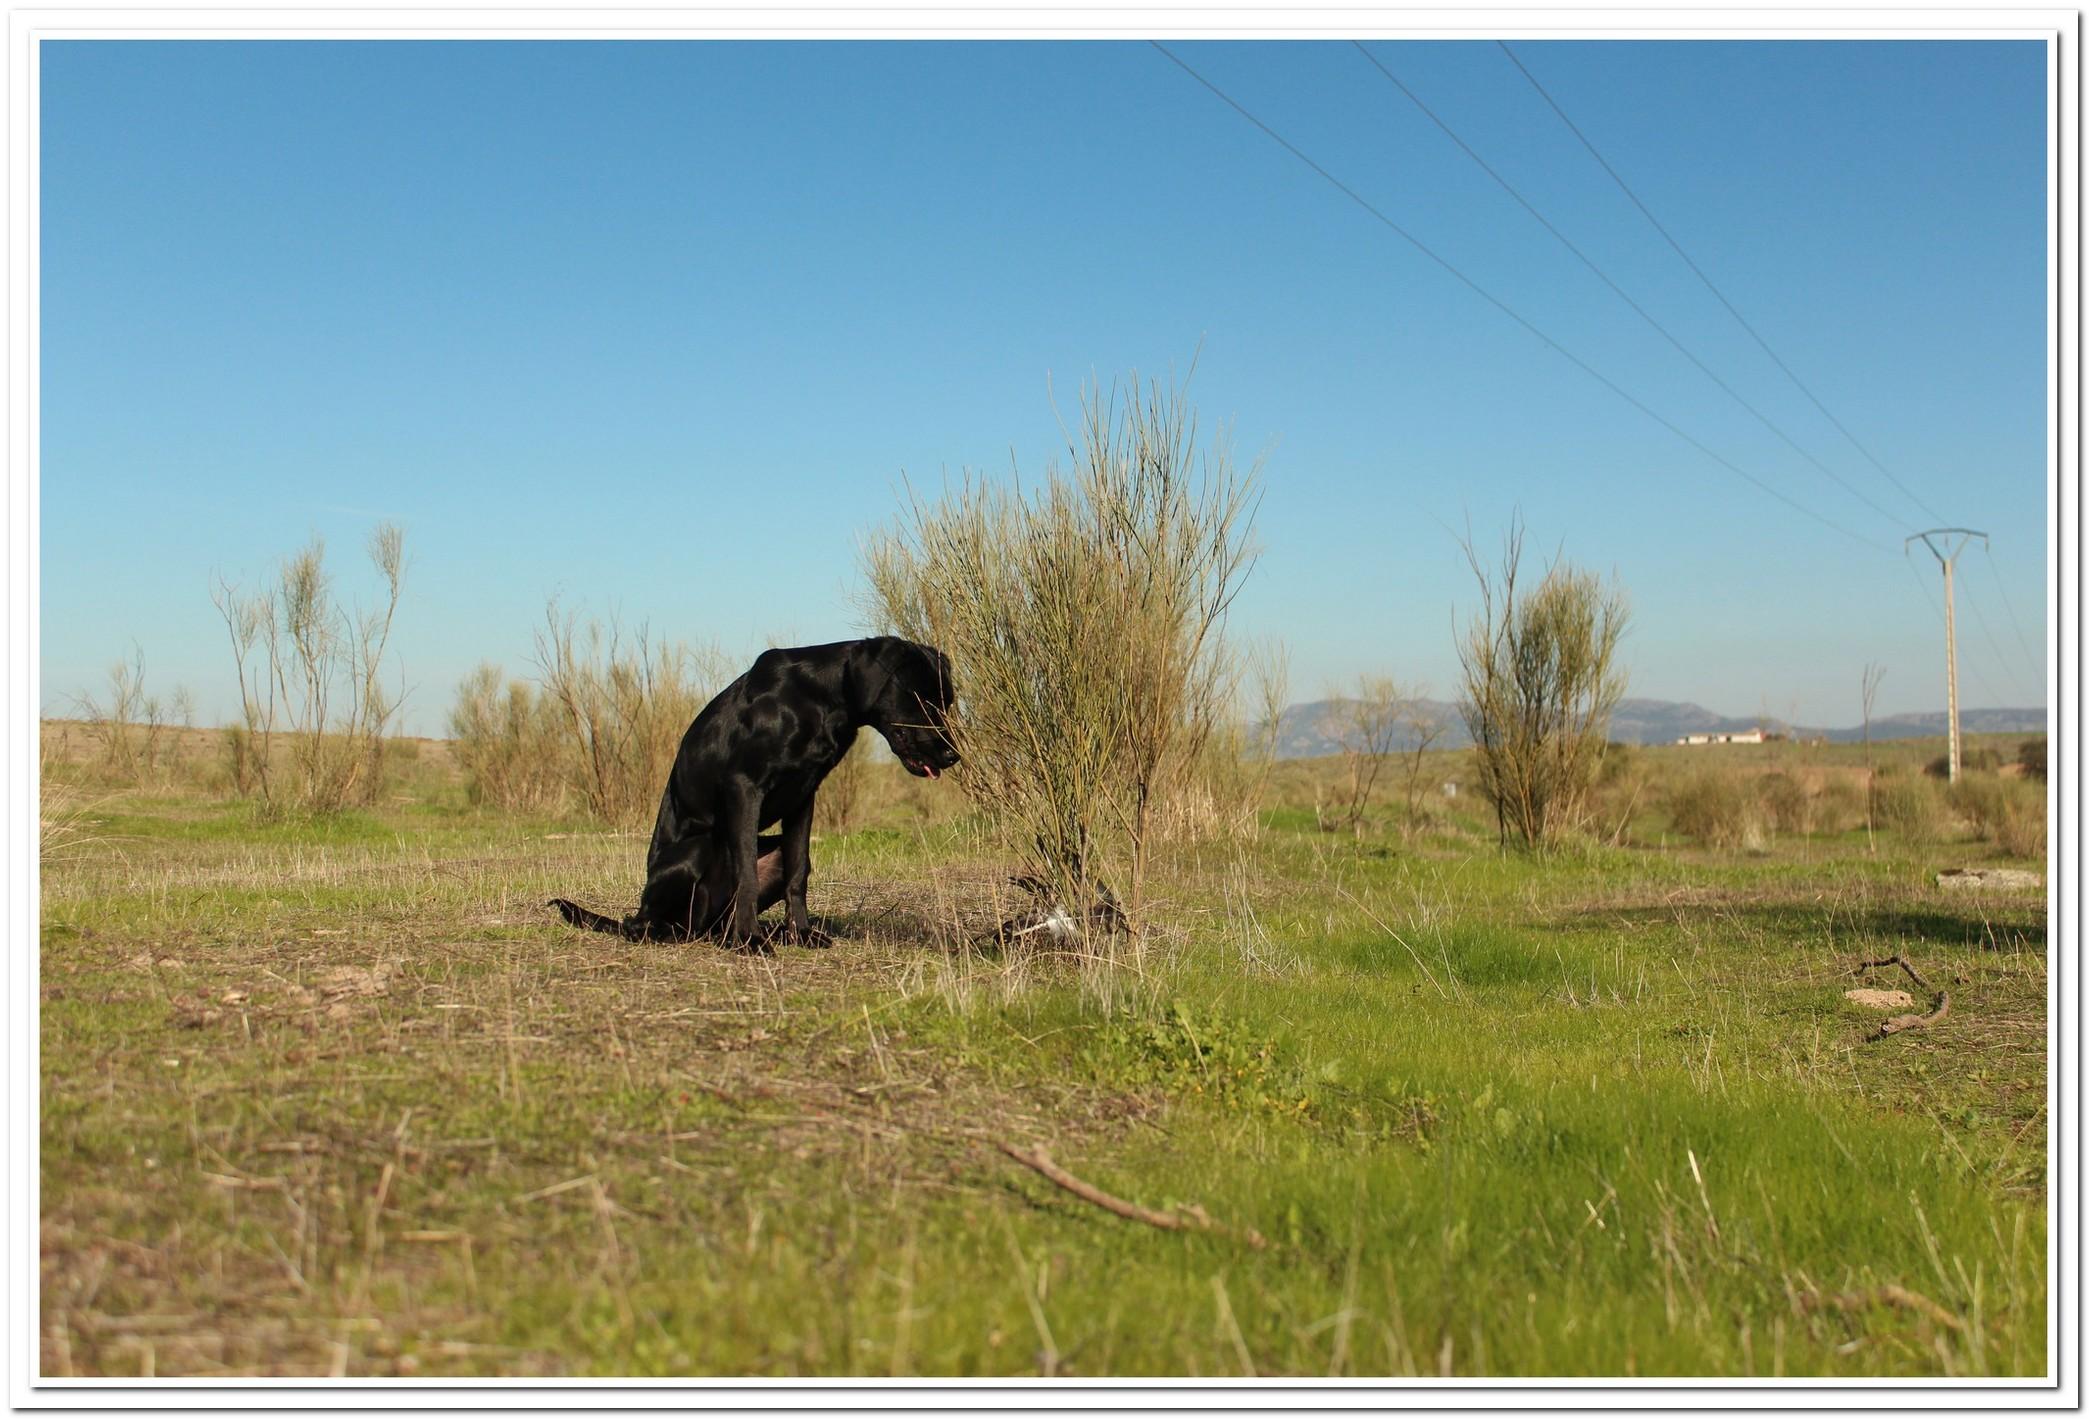 Musa, una de las perras del proyecto realiza un marcaje sobre una muestra. Imagen: AMUS